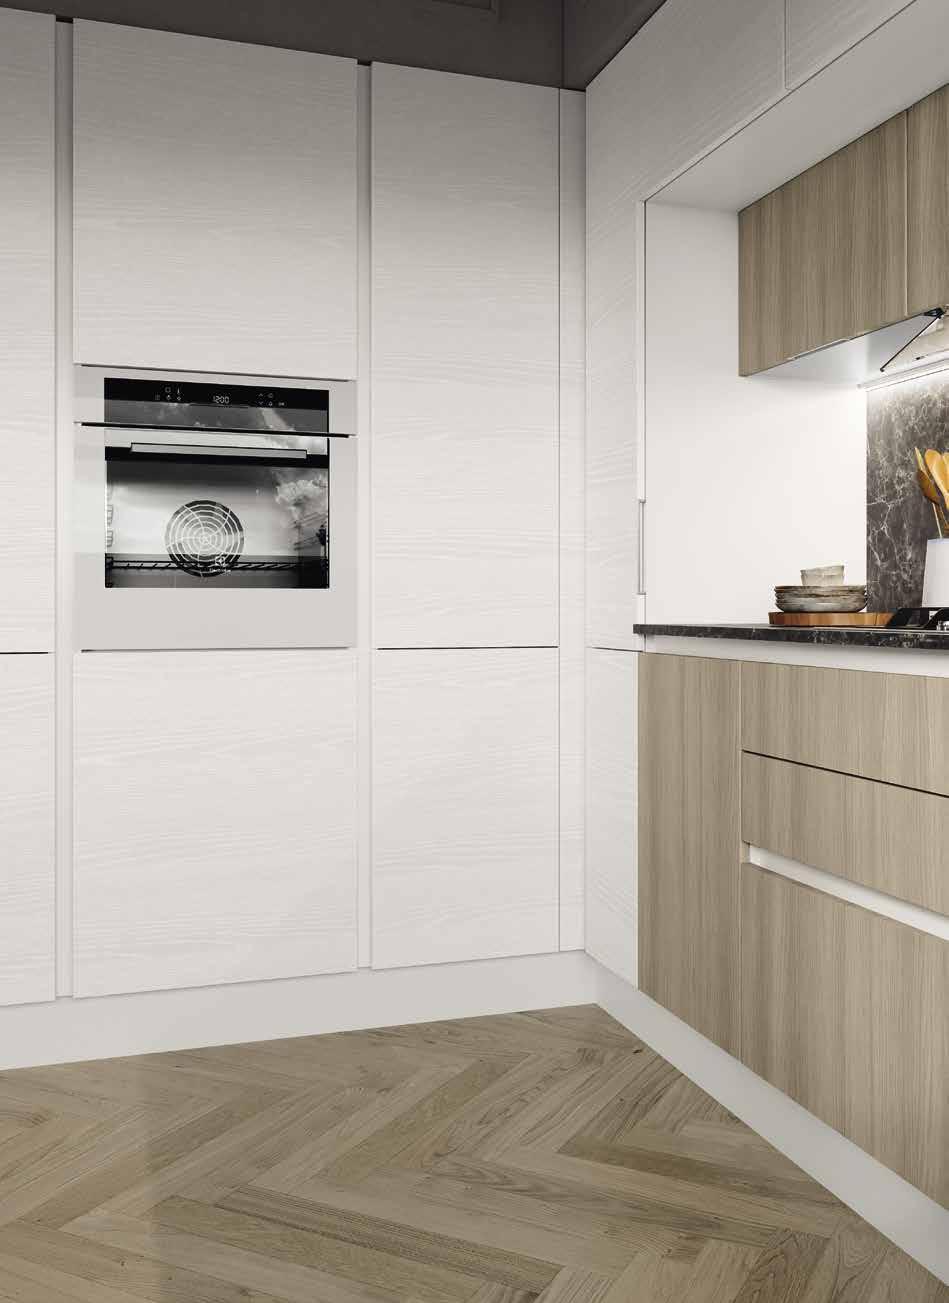 Κουζίνα laminate σε γκρι ματ ανοιχτου πορου με νησιδα και στρογγυλα τελειωματα